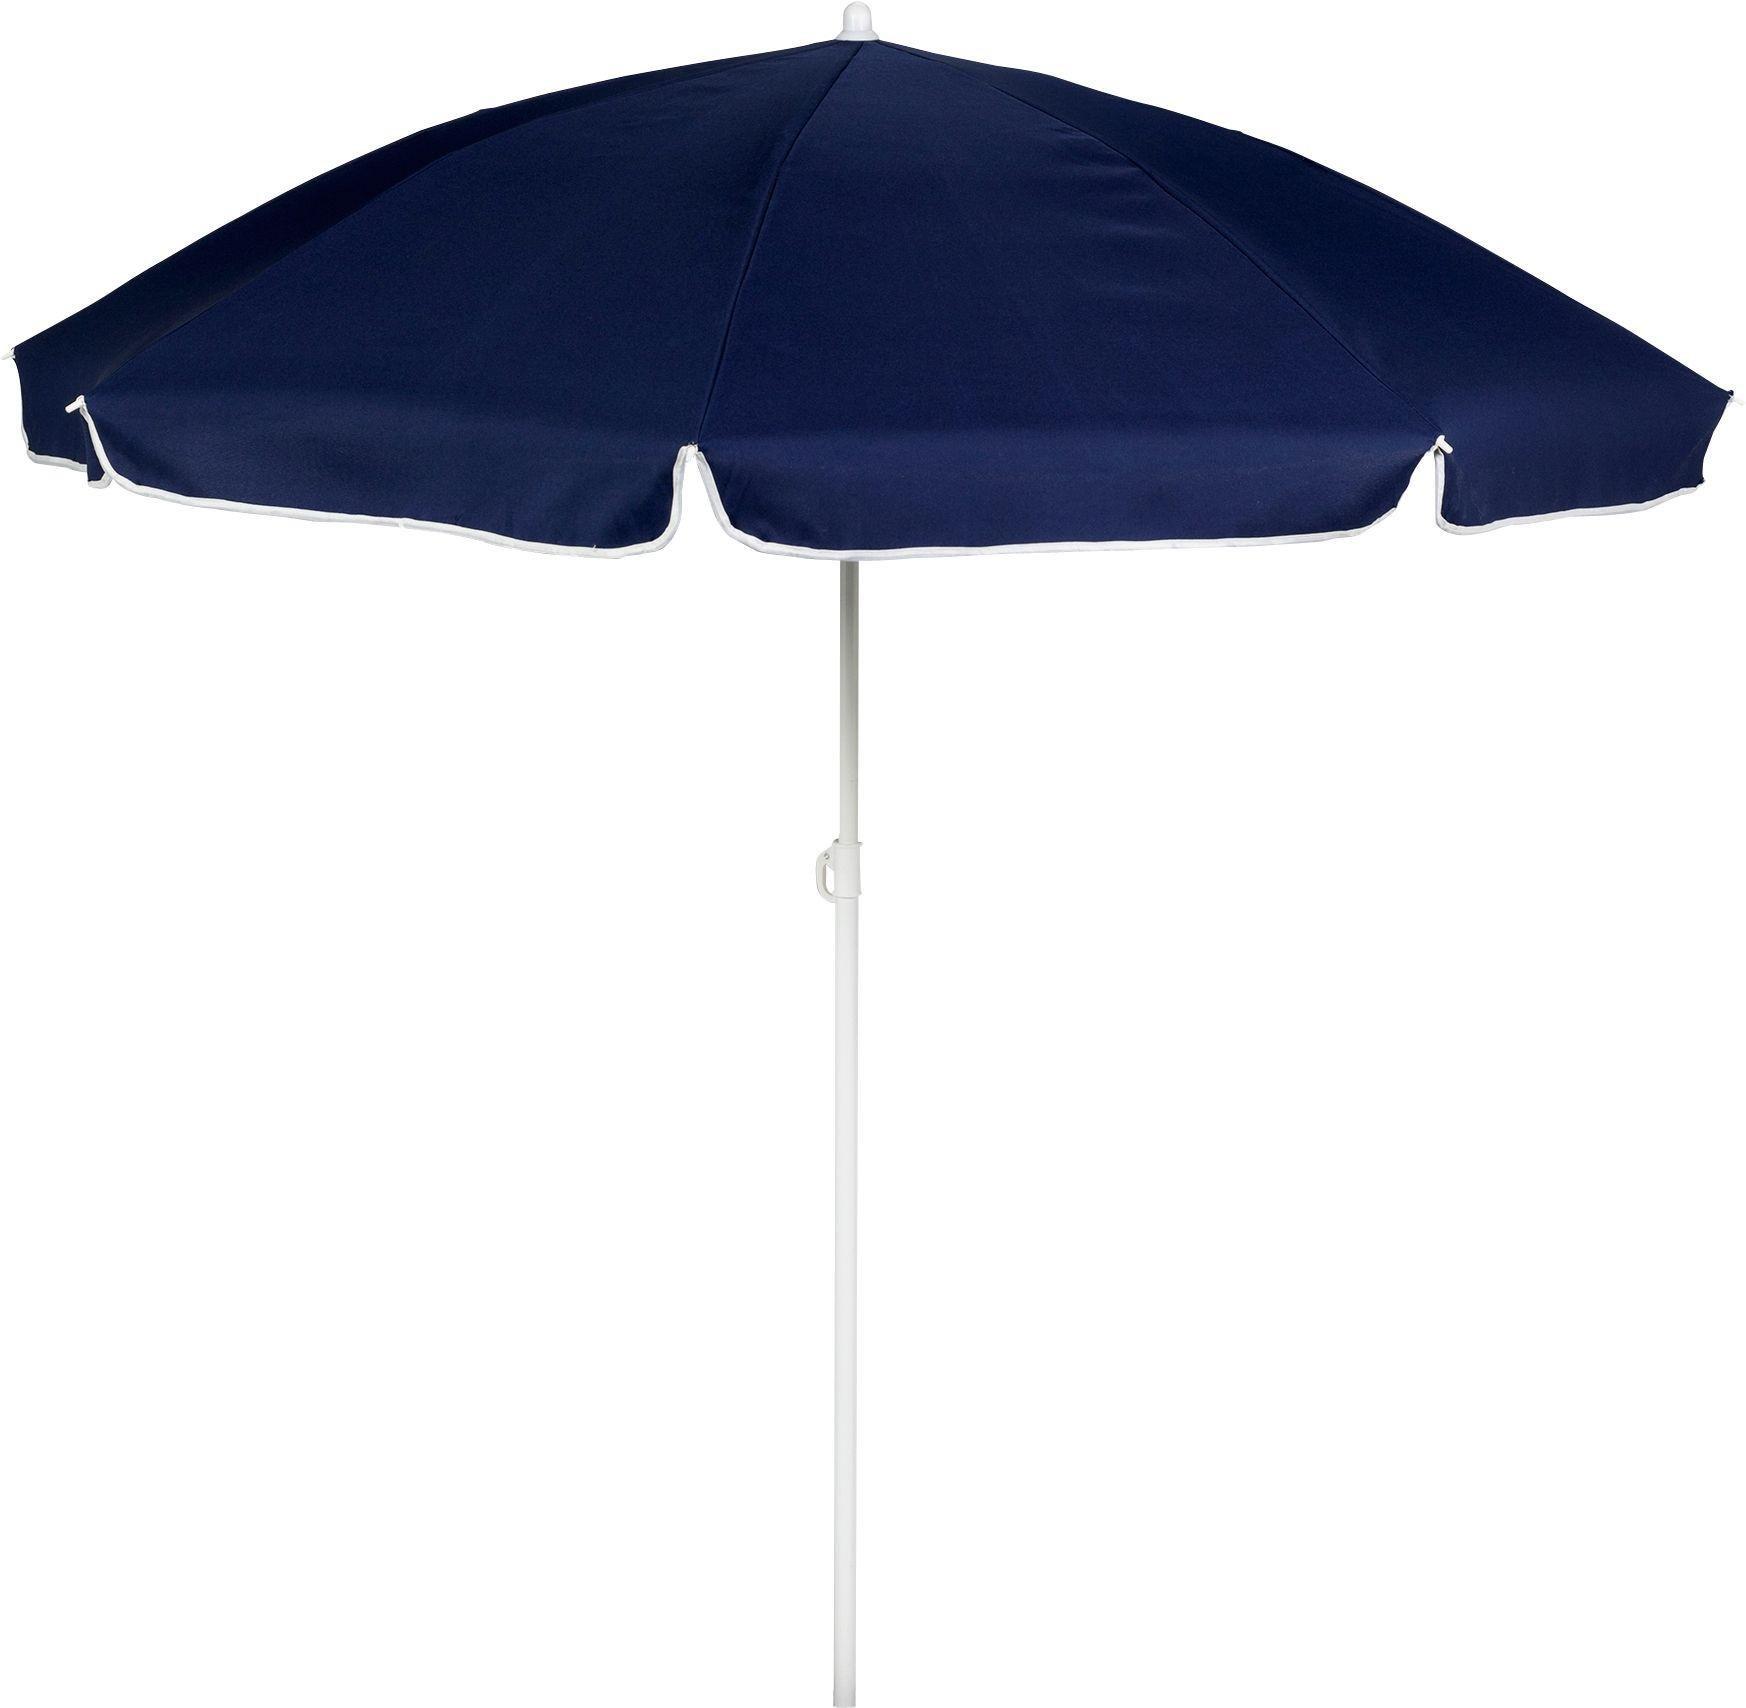 Argos Home 1.6m Garden Parasol - Blue